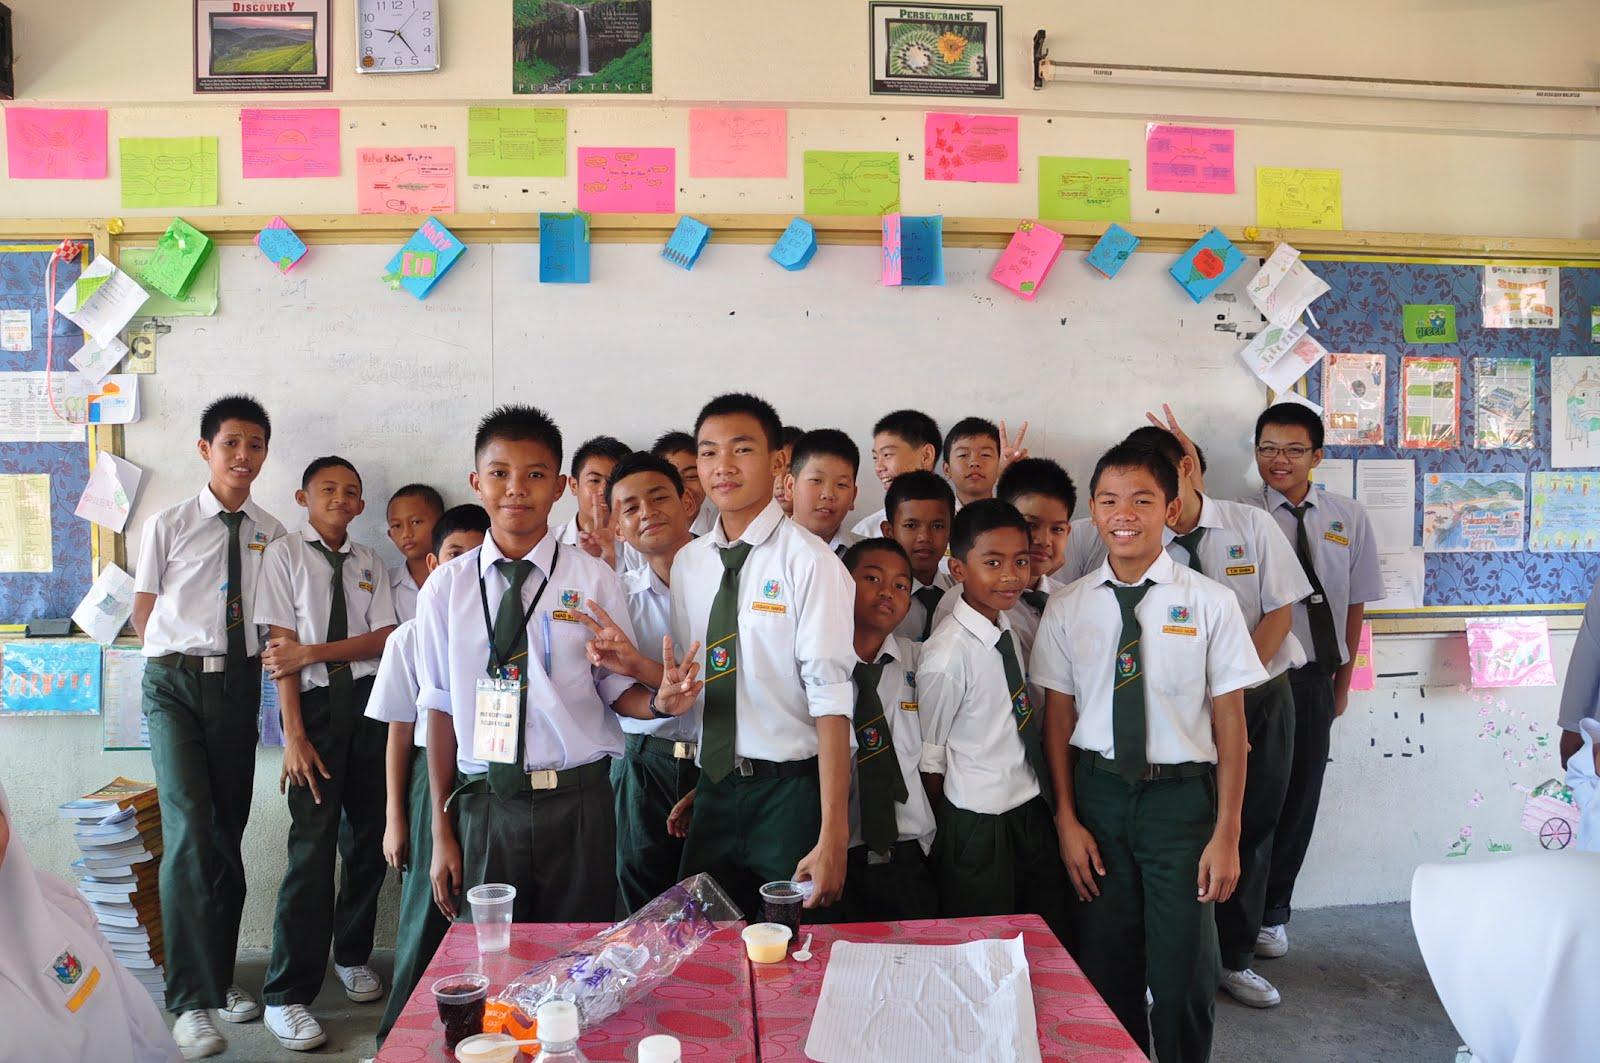 bab 11 modul kependudukan dengan sumber Nama: kelas: guru: 1 bab 1 11 taburan penduduk taburan penduduk dan kepadatan penduduk taburan penduduk -taburan penduduk bermaksud sebaran penduduk di dalam sesuatu ruangan atau kawasan -taburan penduduk di malaysia adalah tidak sekata, terdapat kawasan yang.